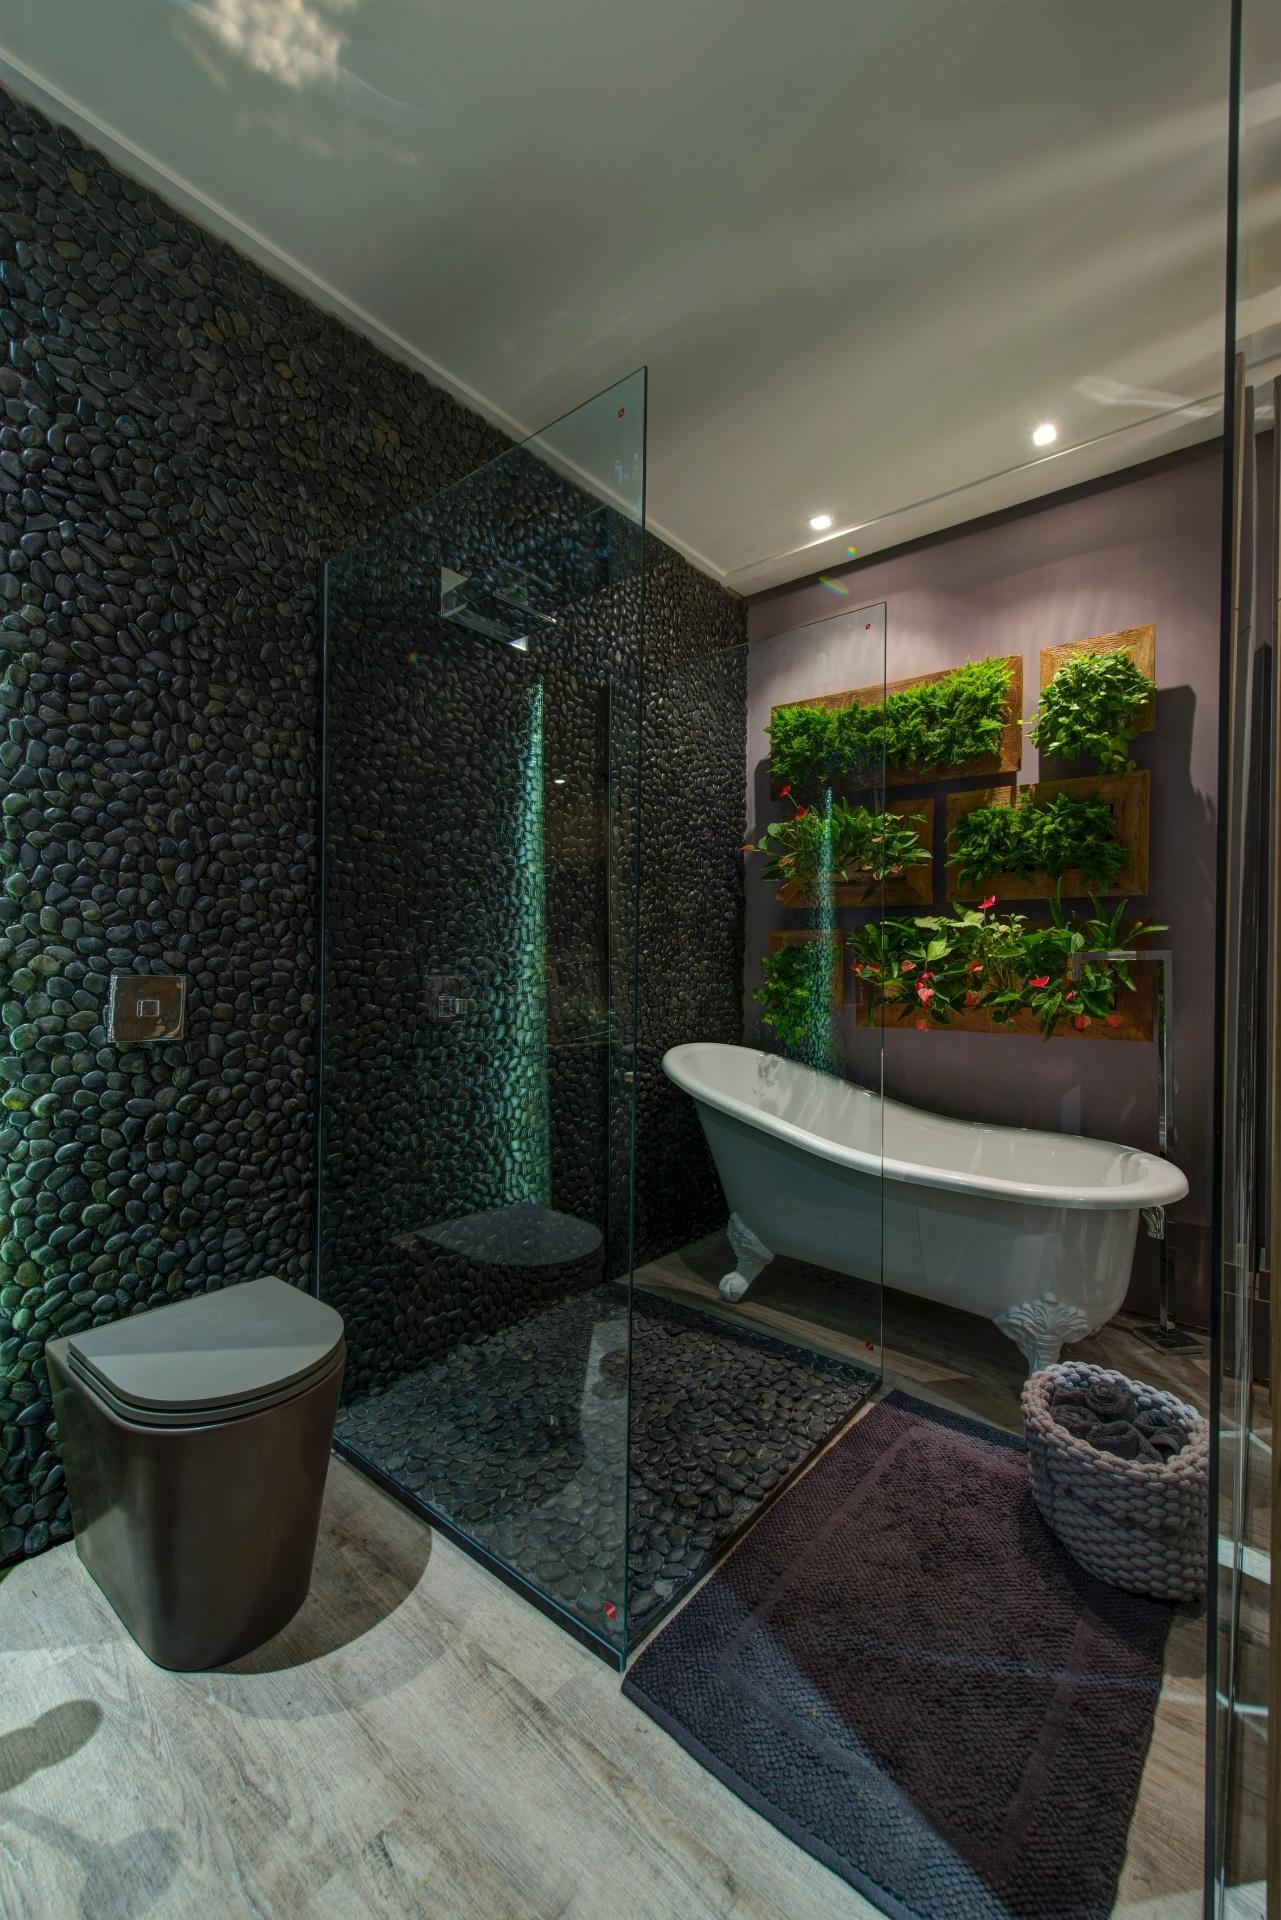 Decorado com um jardim vertical (Wall Plants) o banheiro do Studio da  #5F4C3F 1281 1920